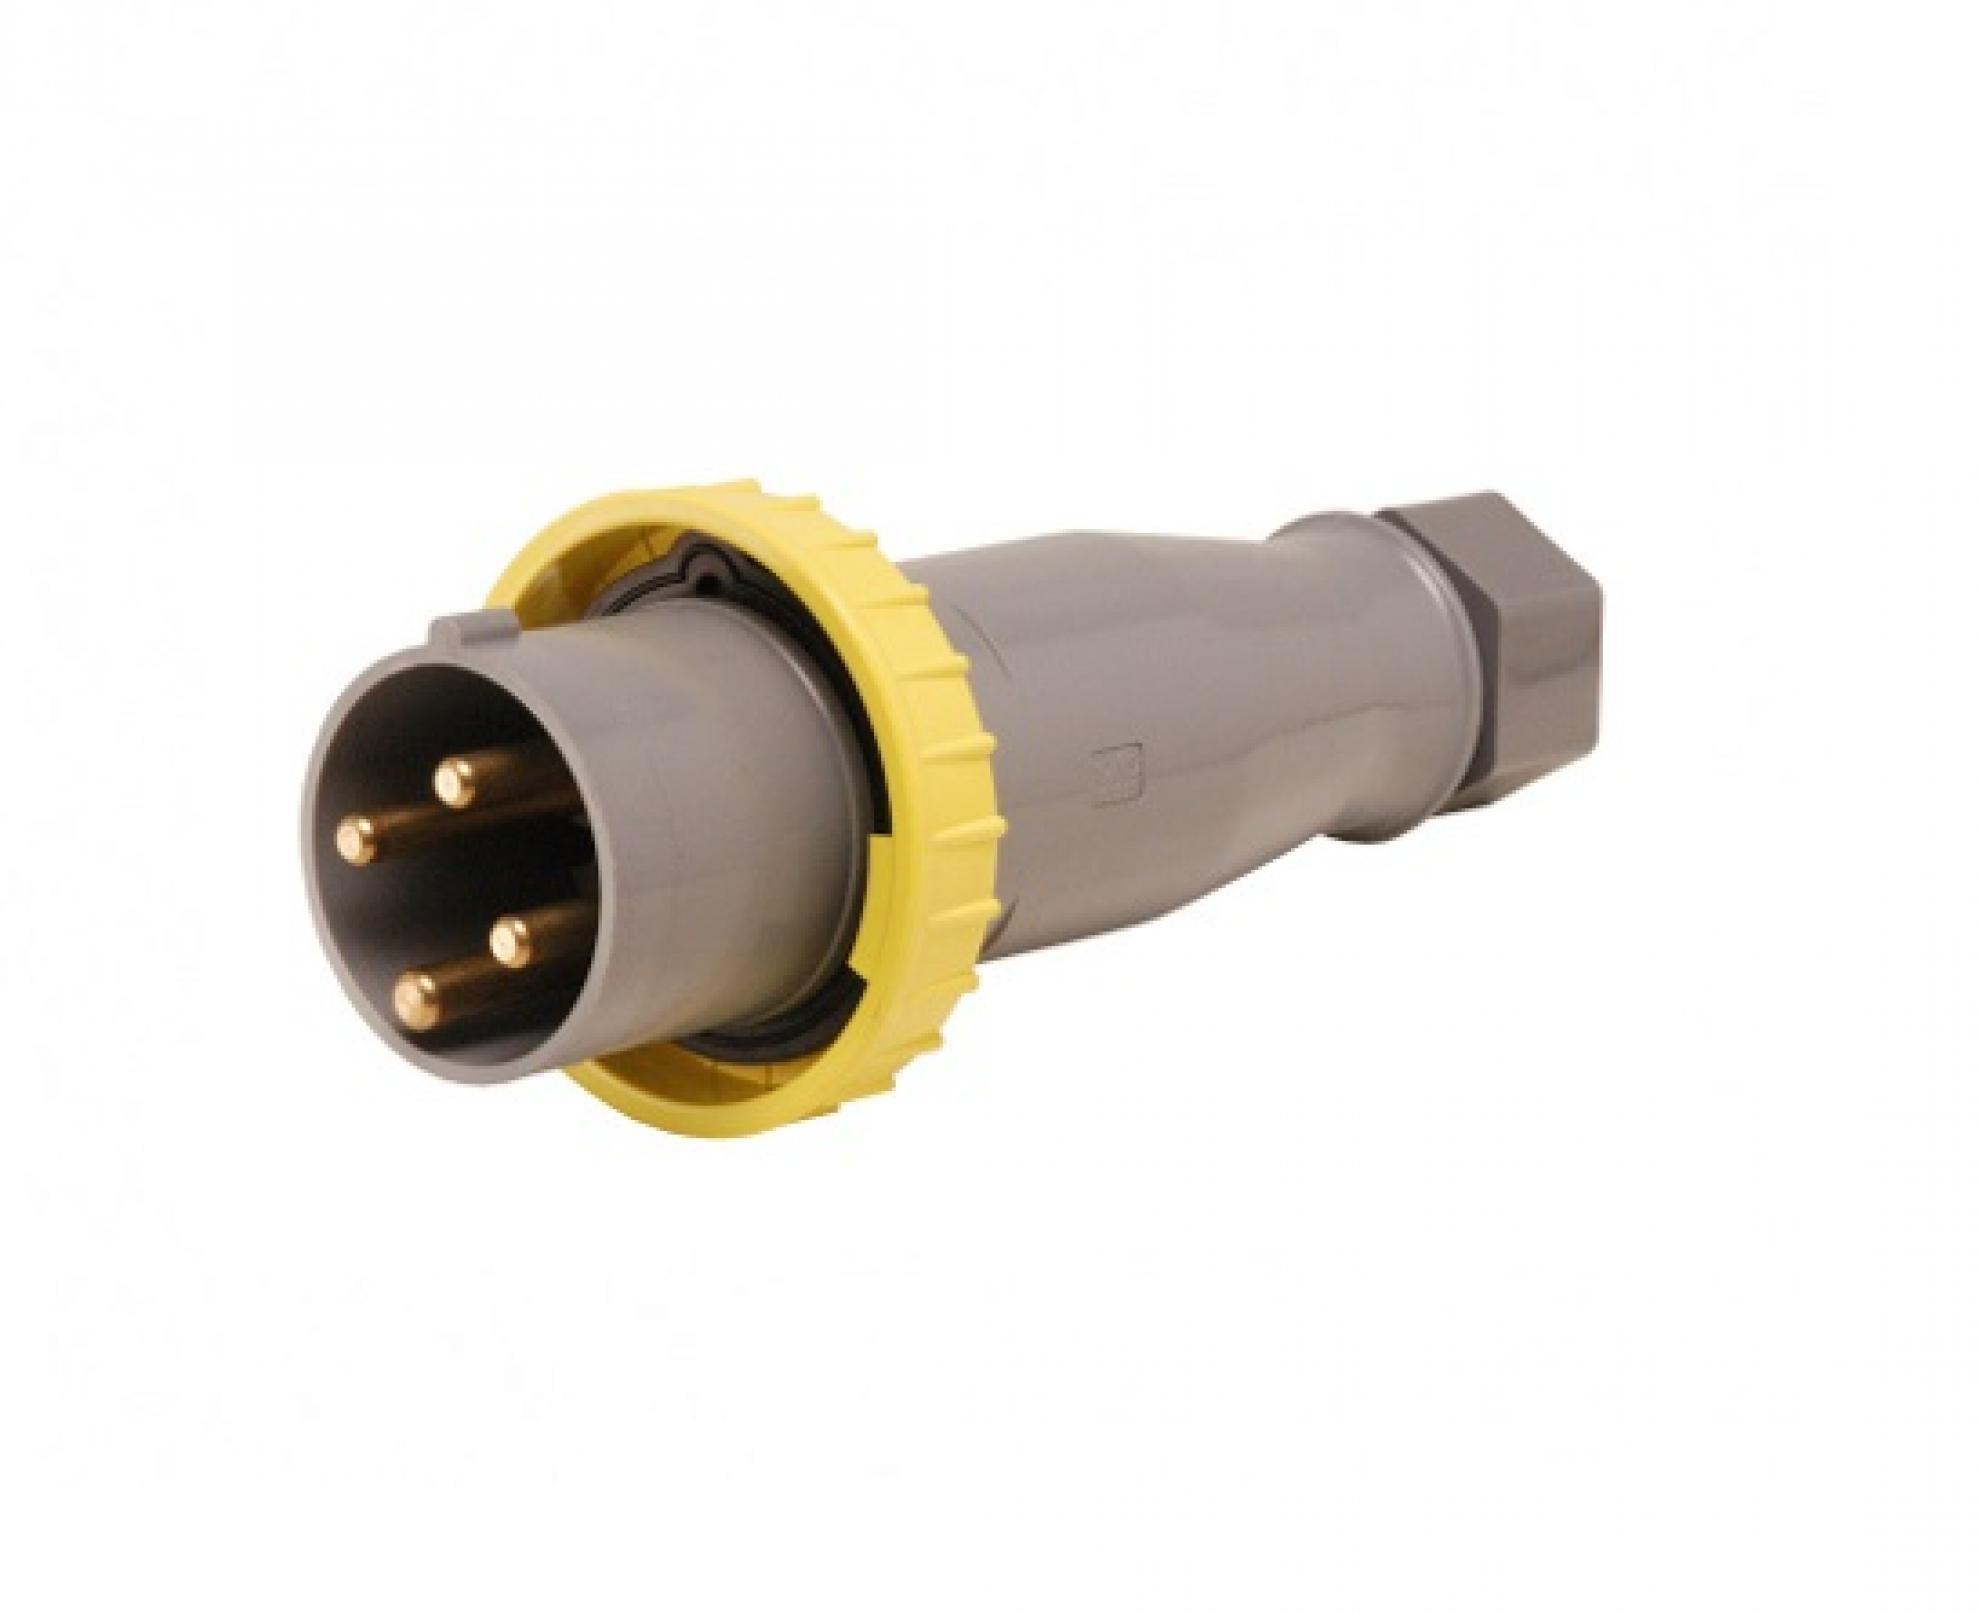 Plugue industrial 3P+T 125A - 220/240V